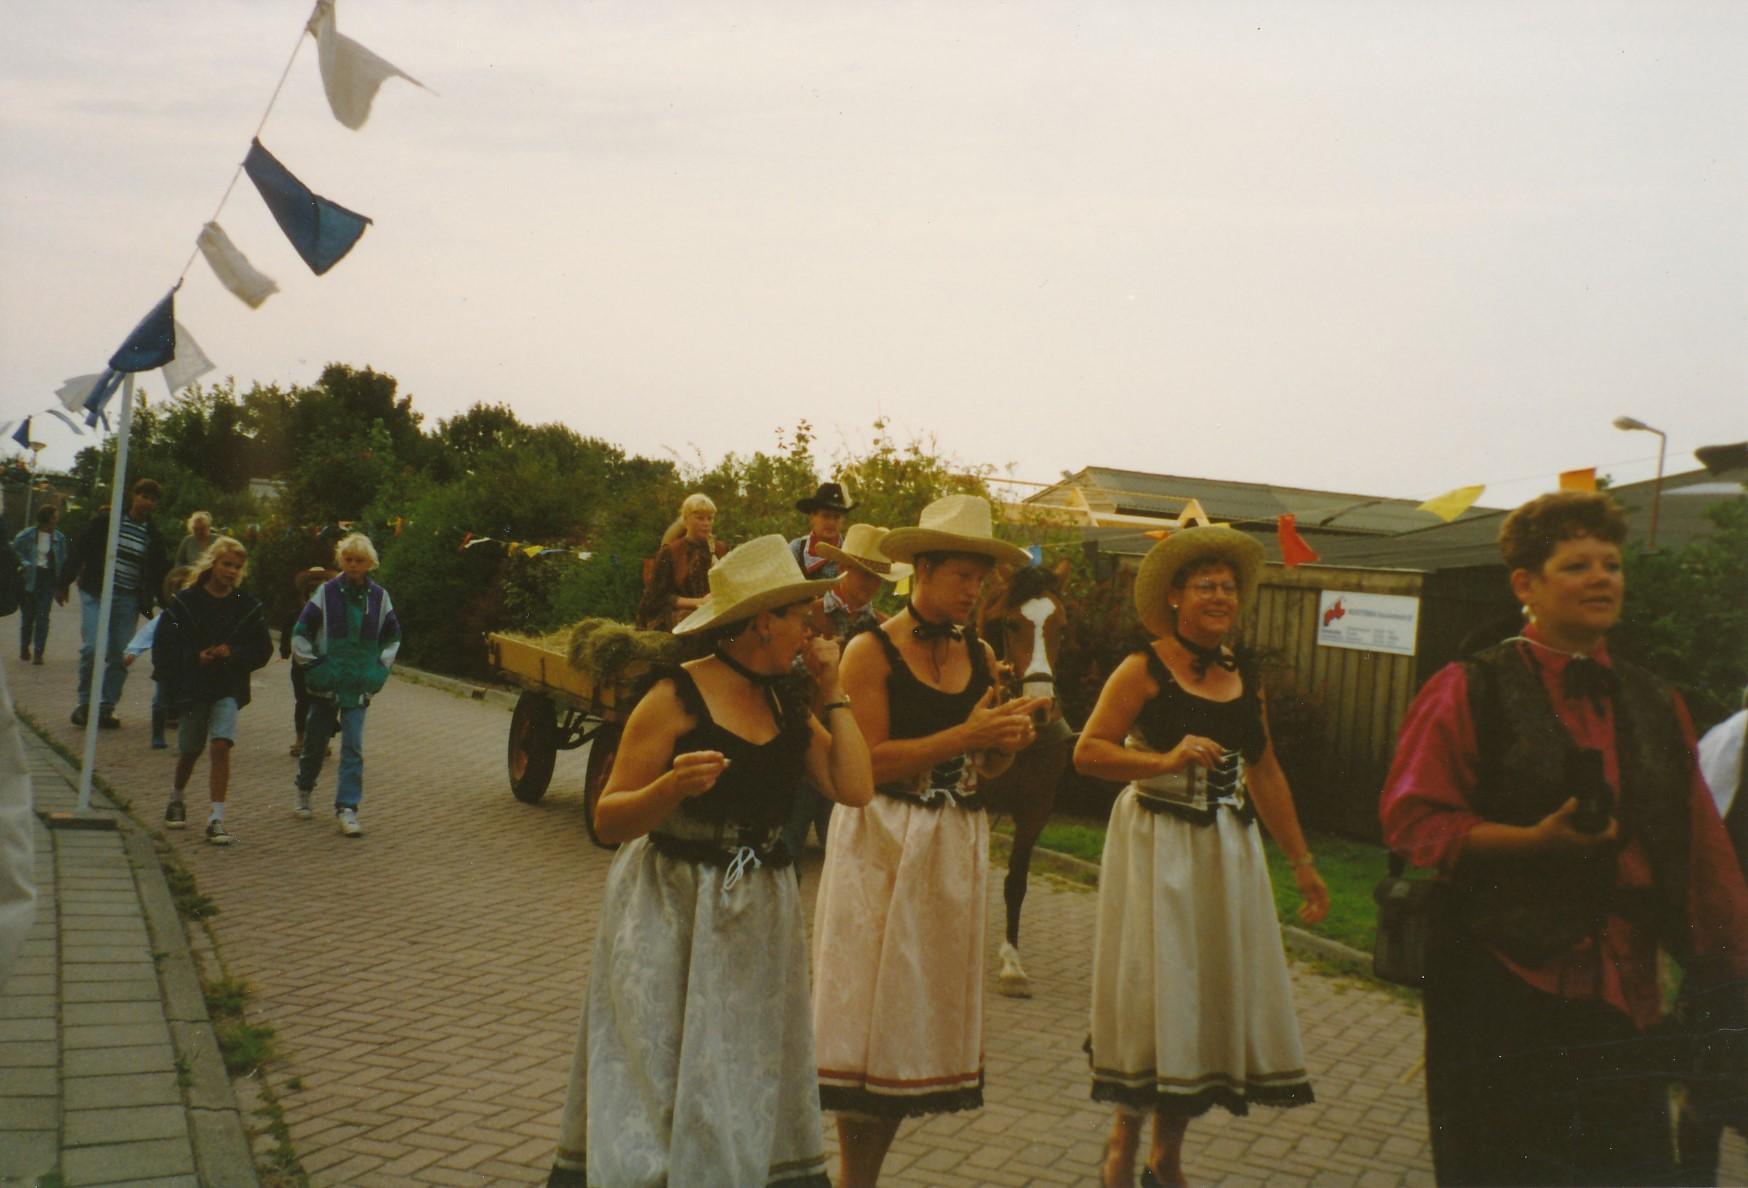 Fotoalbum Anneke Miedema, 013, Nieske, Agatha en Marijke, Merke 1994